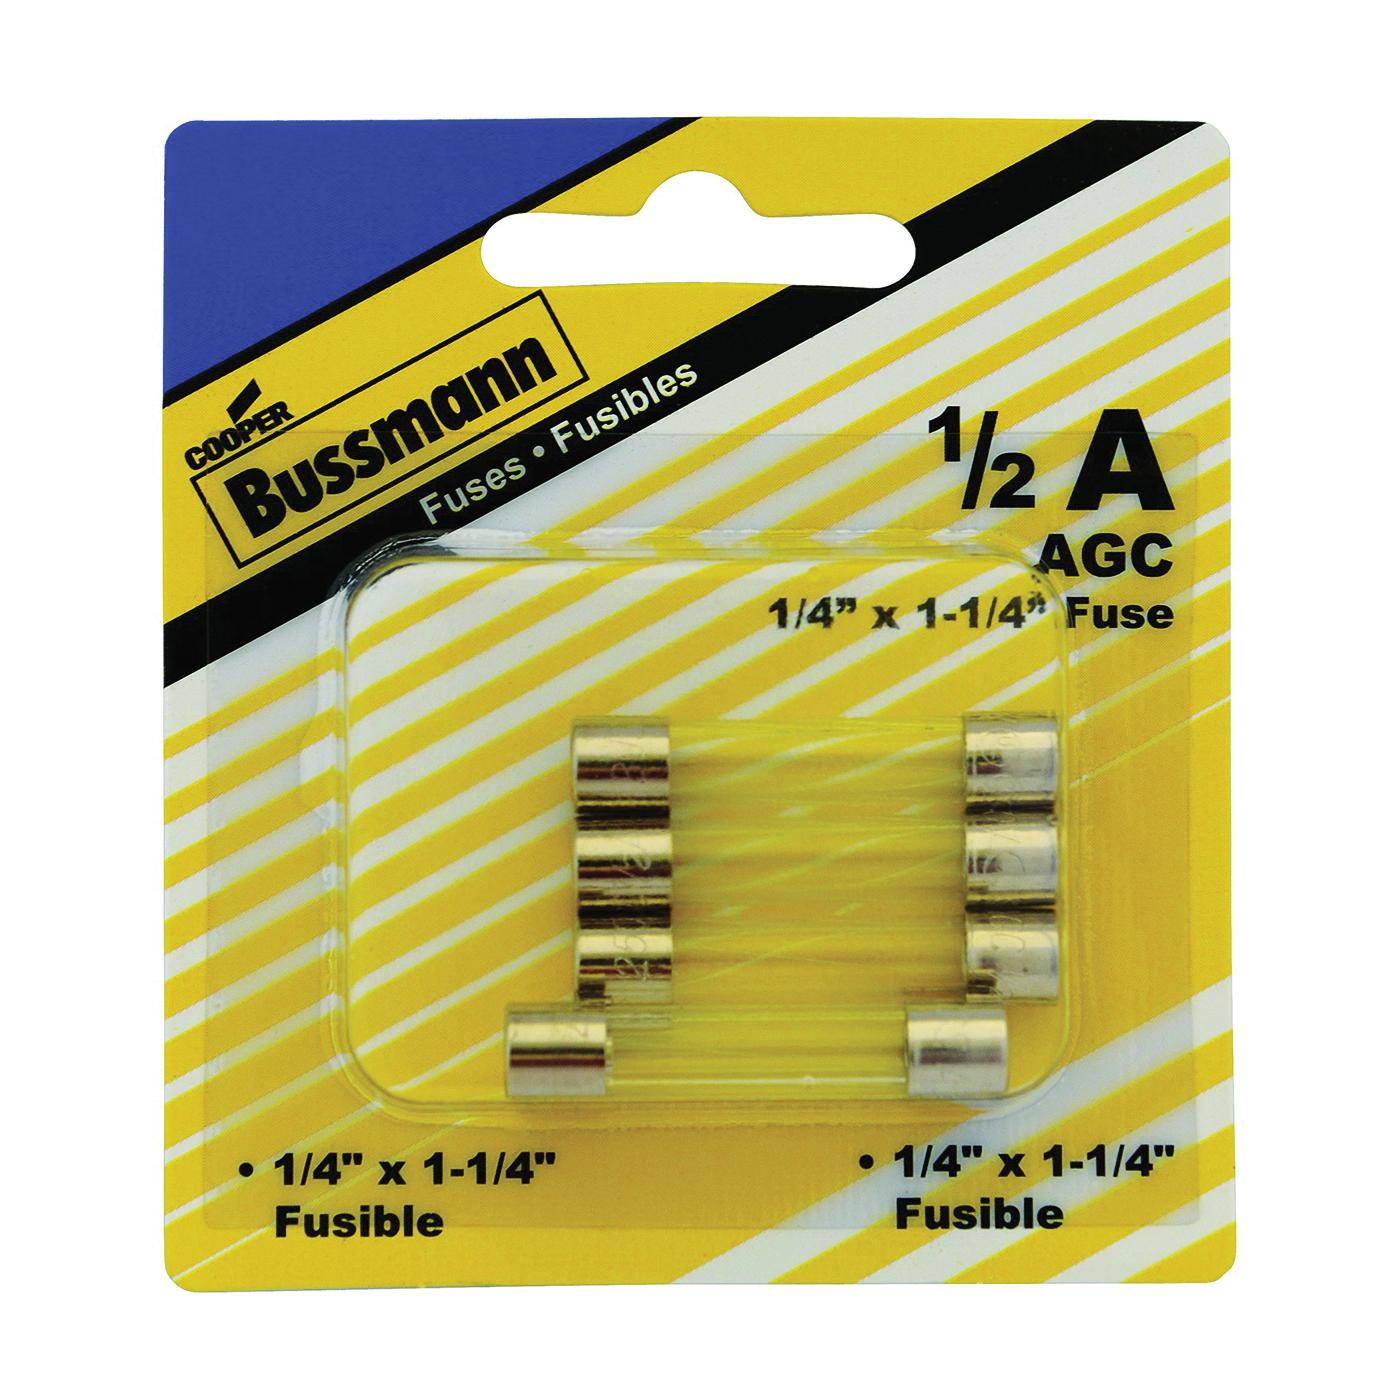 Picture of Bussmann BP/AGC-1/2-RP Tube Fuse, 250 V, 0.5 A, 10 kA at 125 VAC, 35 A at 250 VAC Interrupt